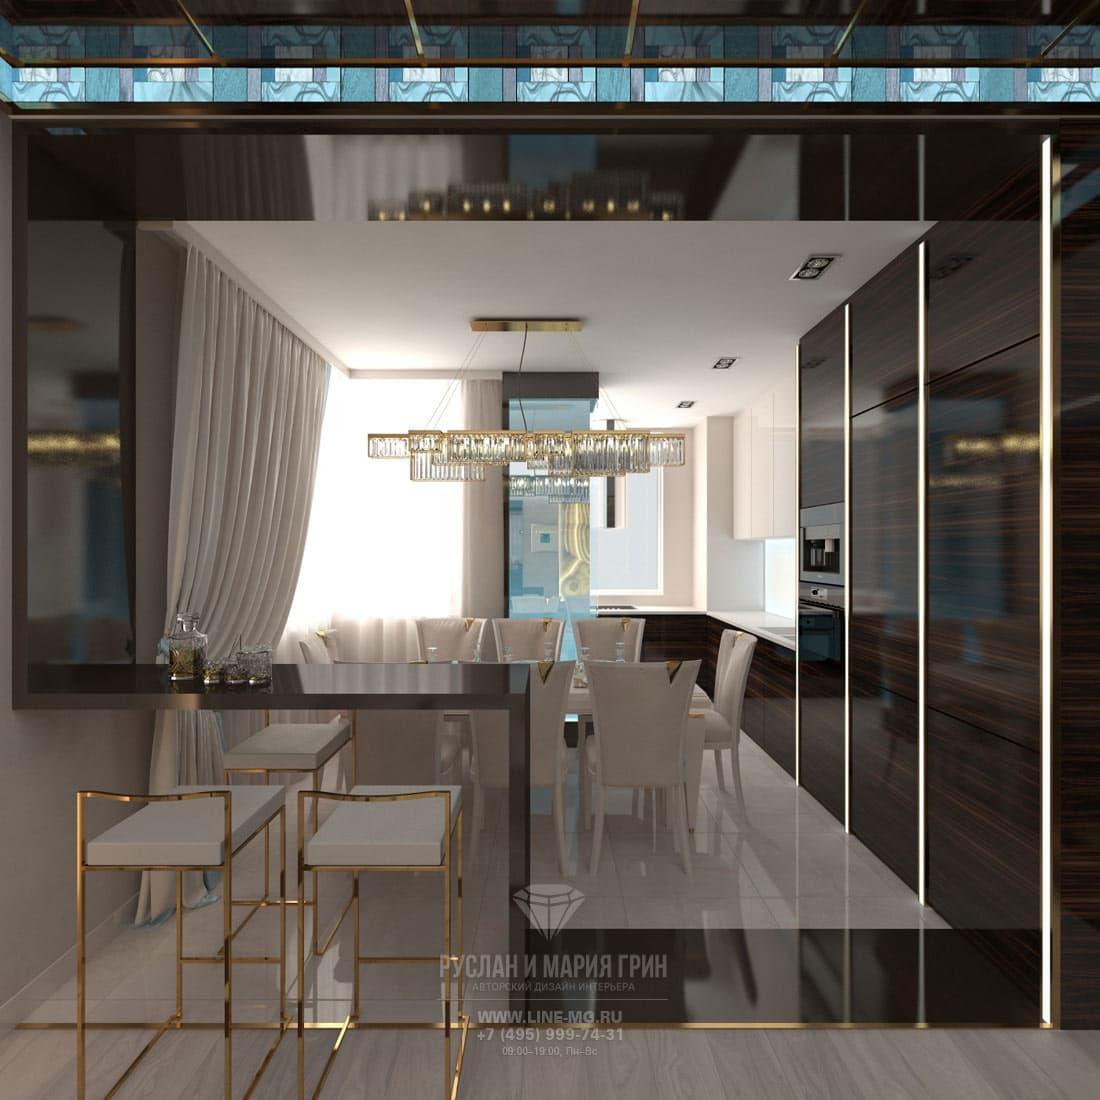 Лаконичная современная кухня с золотистыми деталями